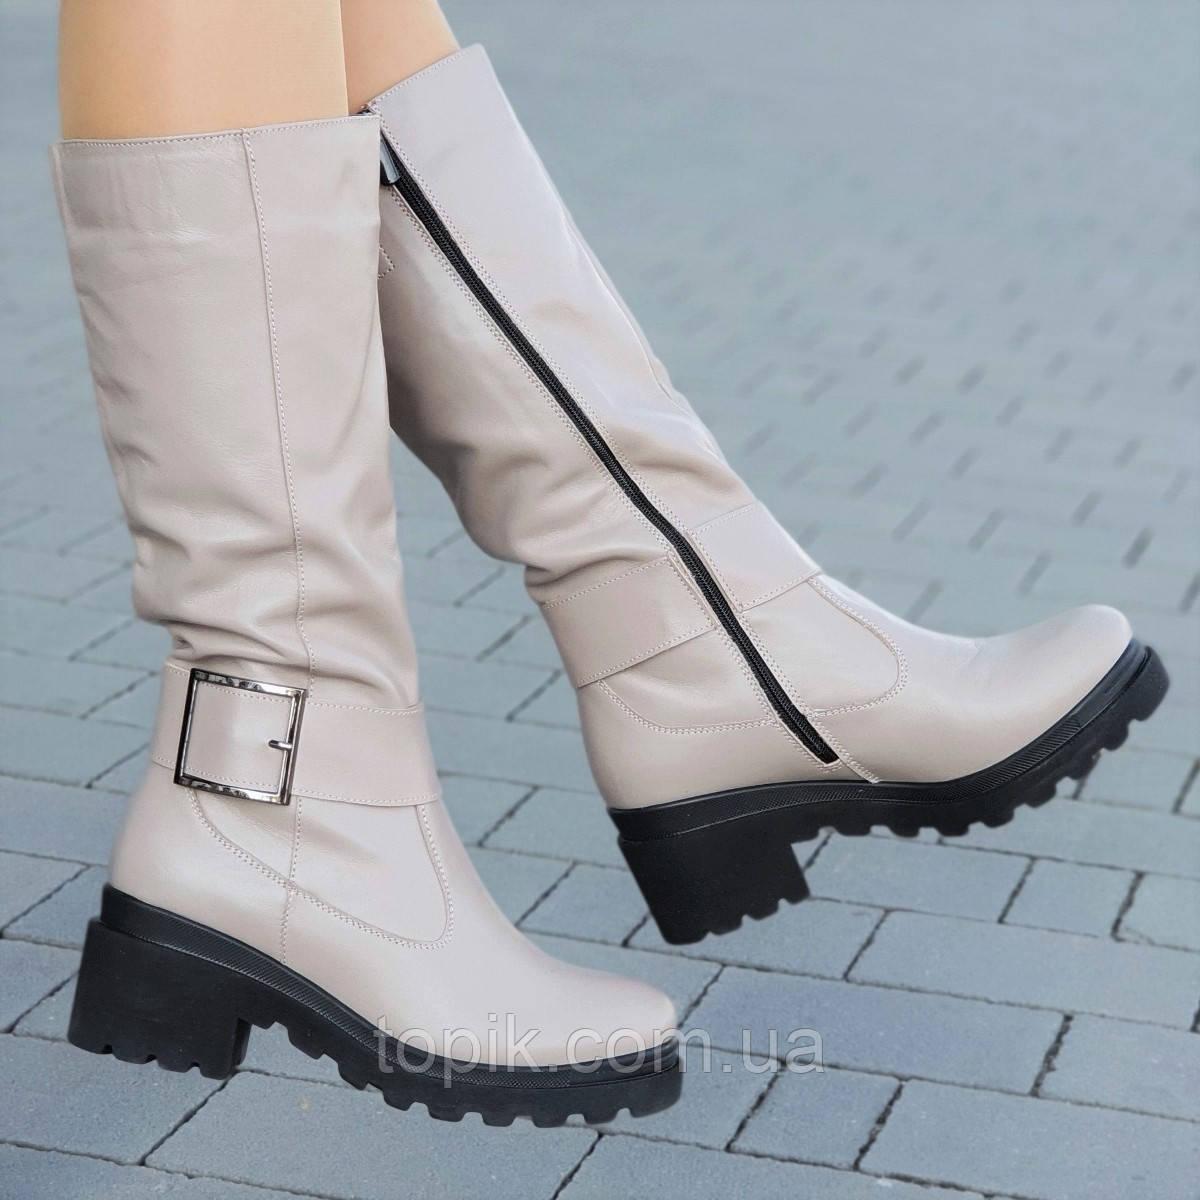 4b9e461dff06 Женские зимние сапоги на платформе кожаные бежевые на толстой тракторной  подошве ...